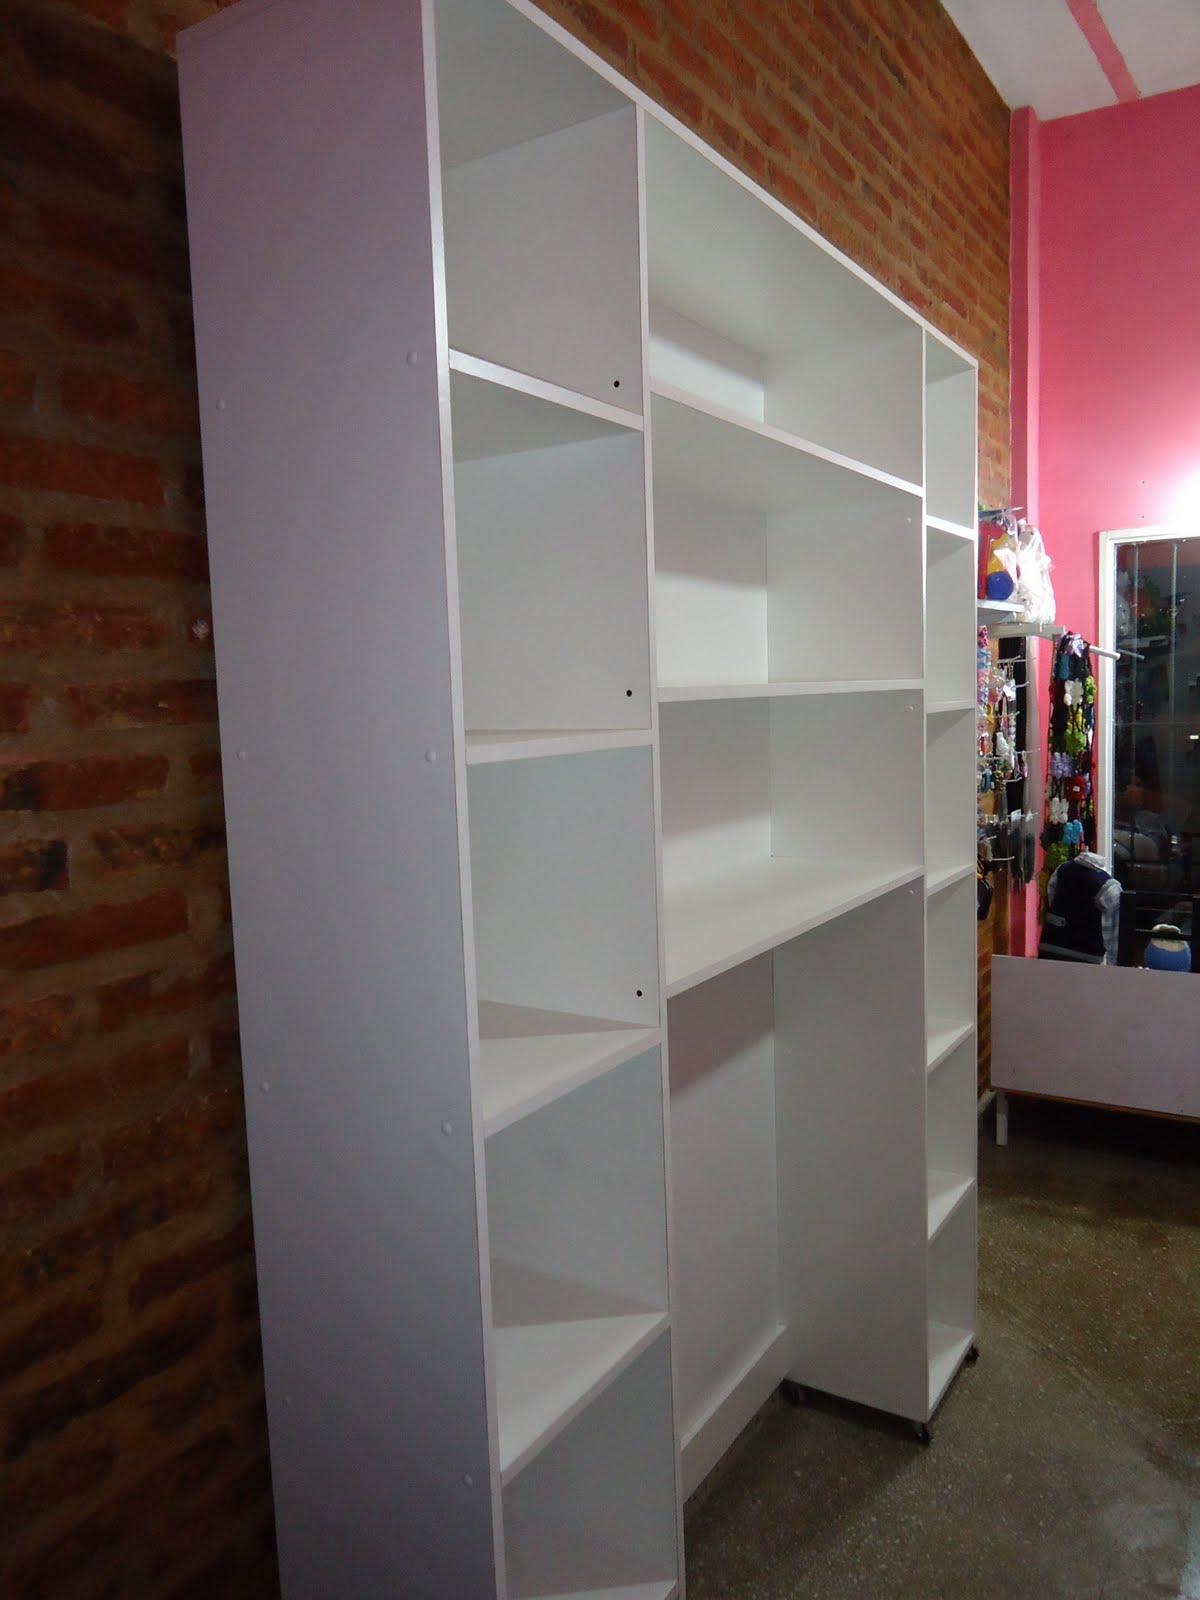 Muebles Para Negocio De Ropa En Mendoza Cddigi Com # Muebles Para Ropa